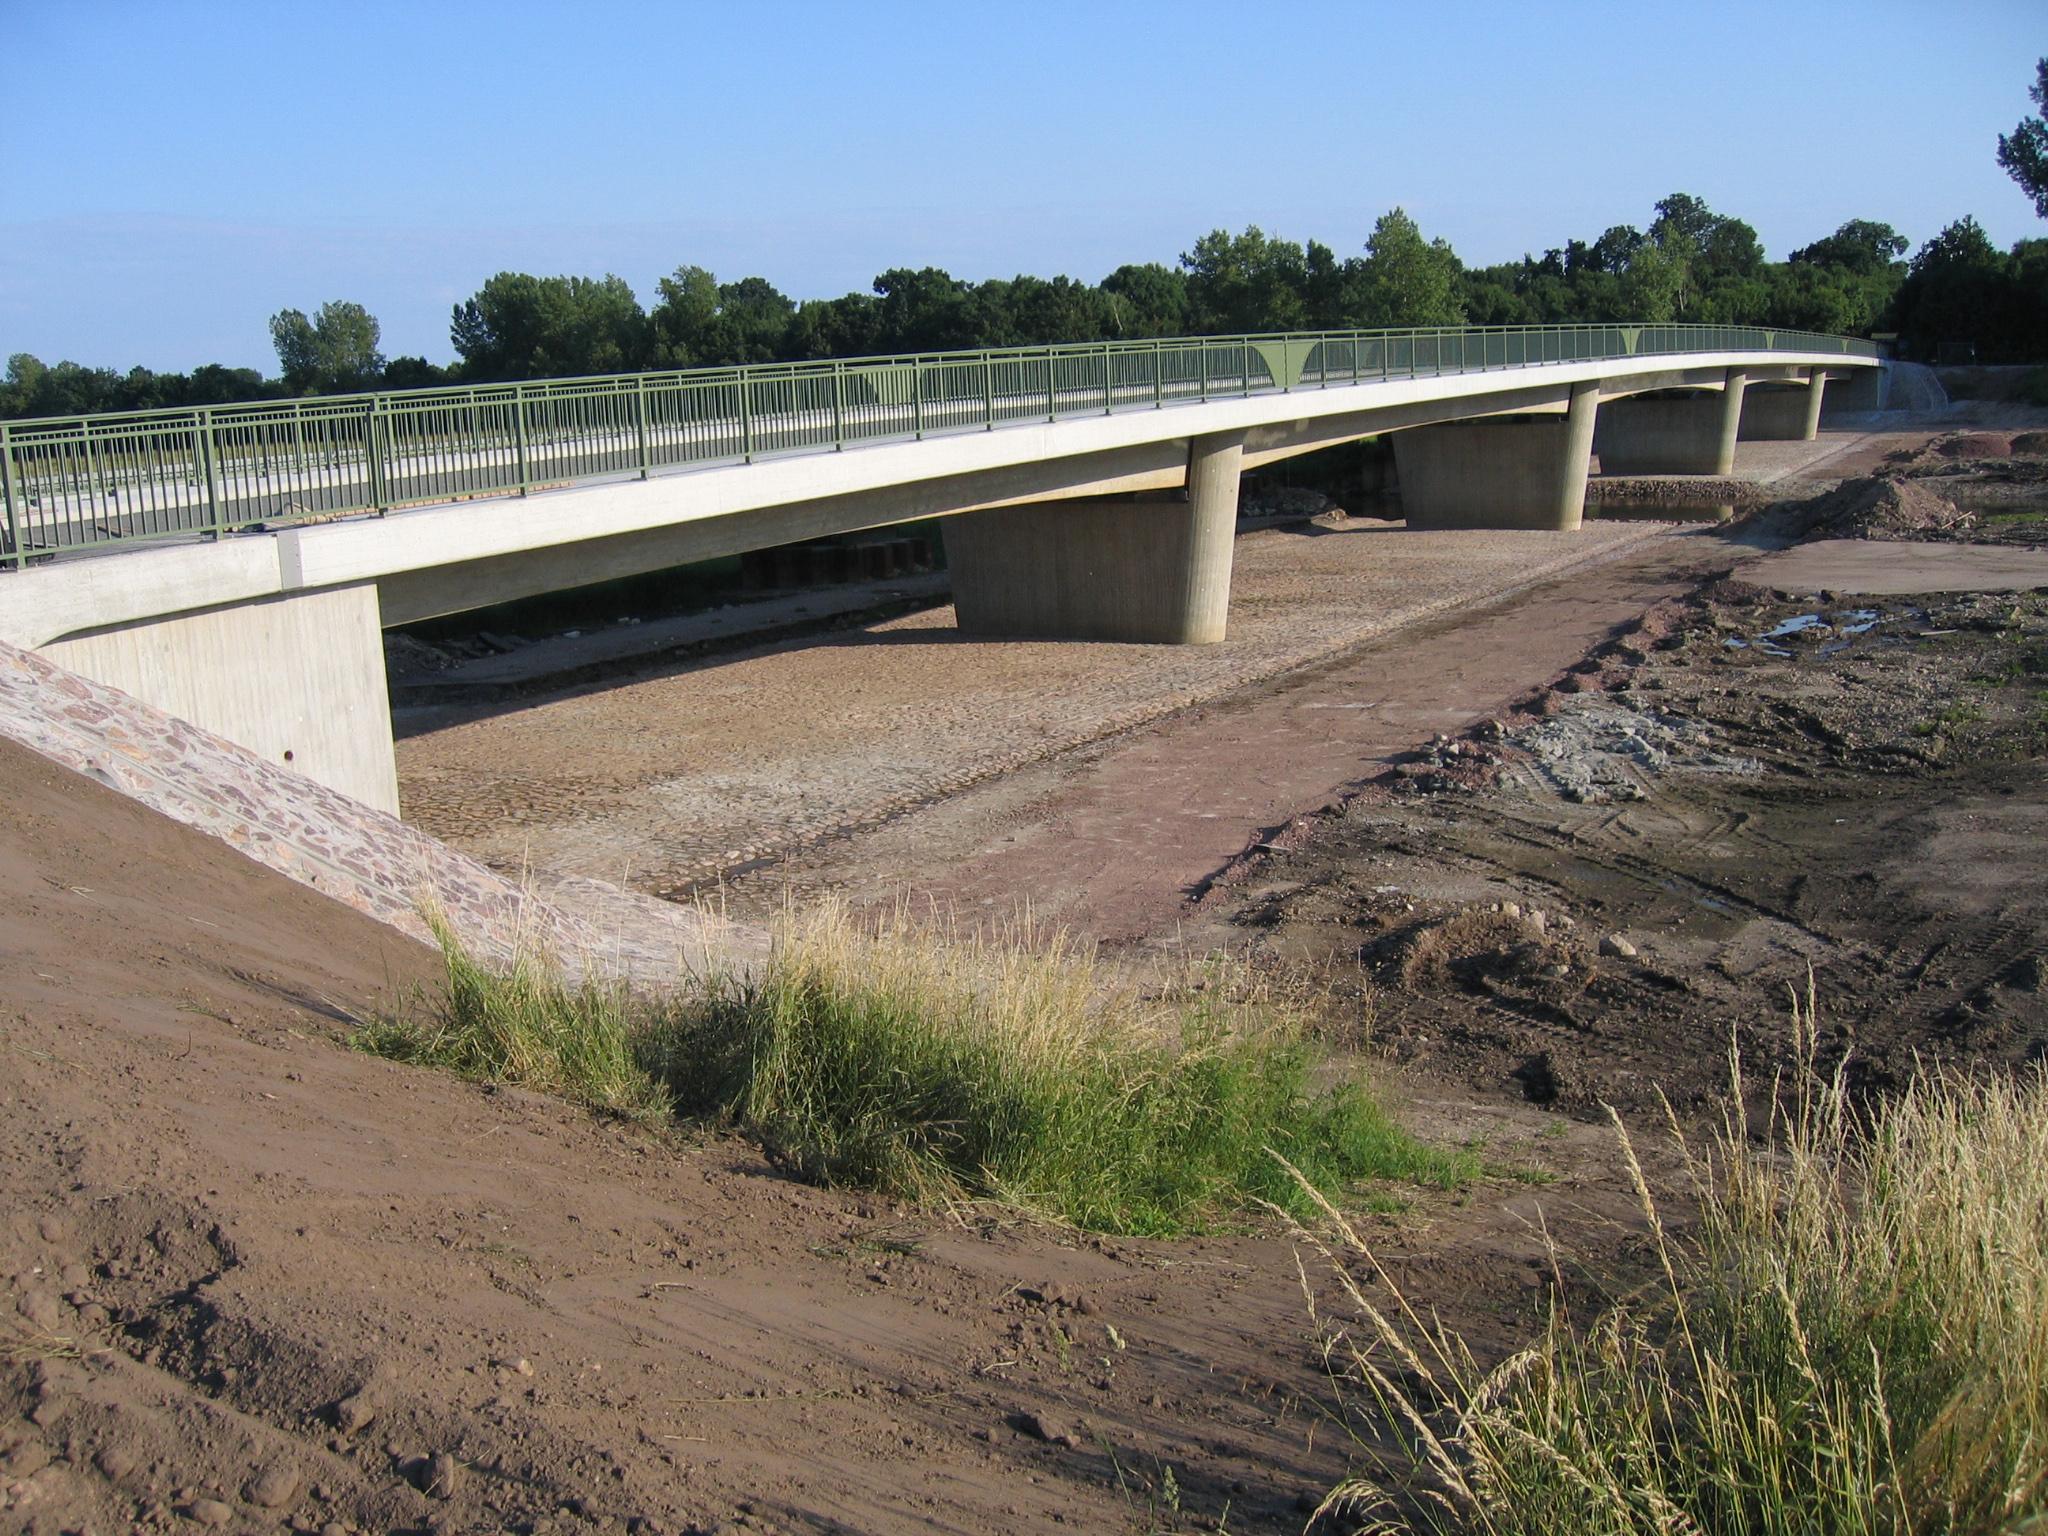 17.06.2008 -Die neue Brücke ist fertig